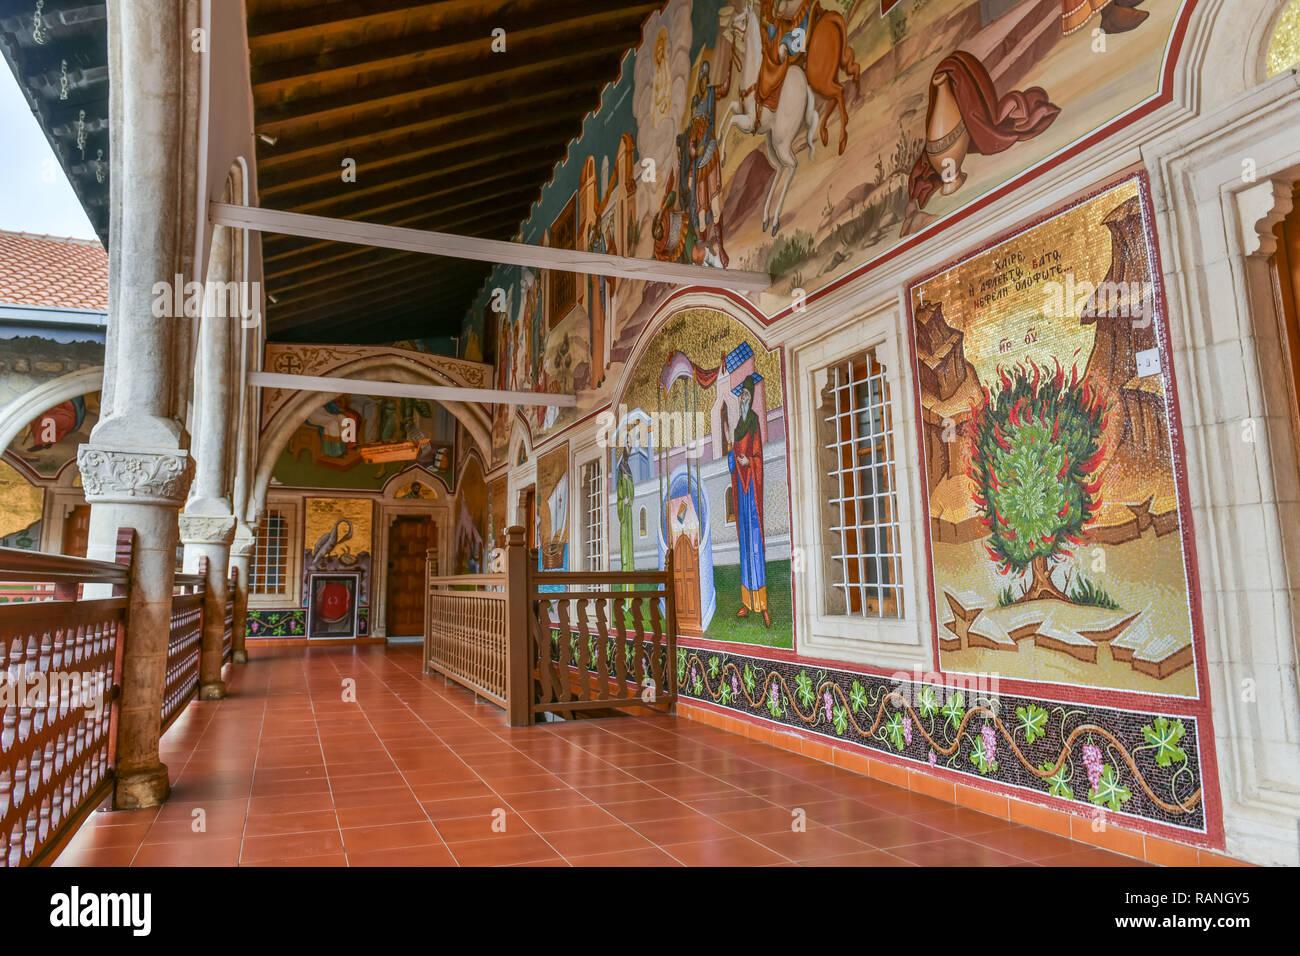 Way, painting, mosaics, cloister of Kykkos, Cyprus, Gang, Malerei, Mosaiken, Kloster Kykkos, Zypern - Stock Image